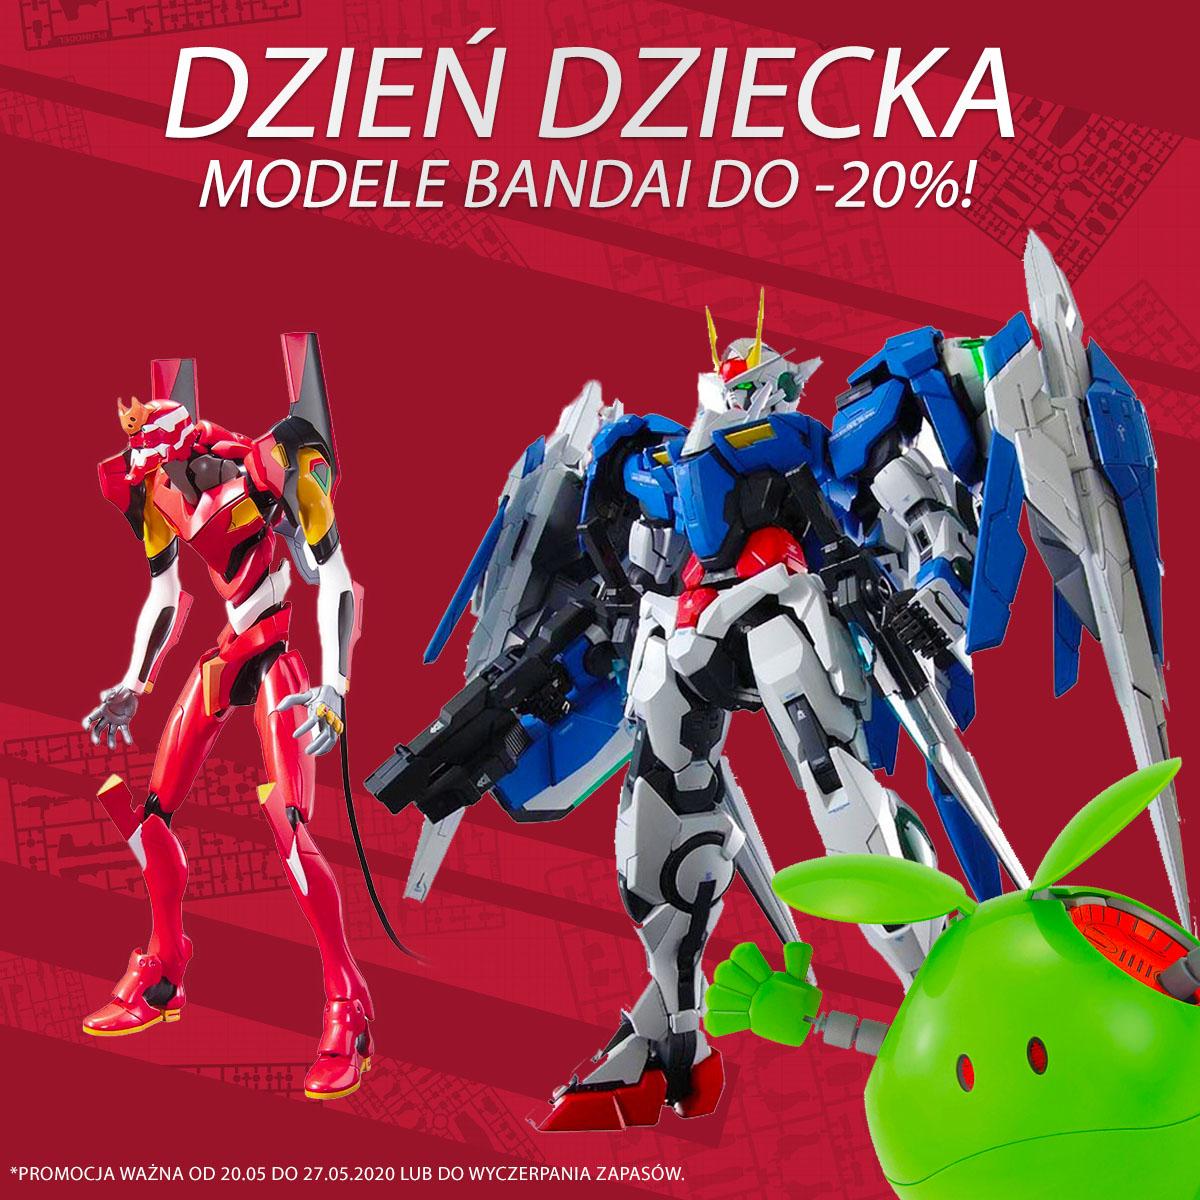 Modele Gundam 20% taniej